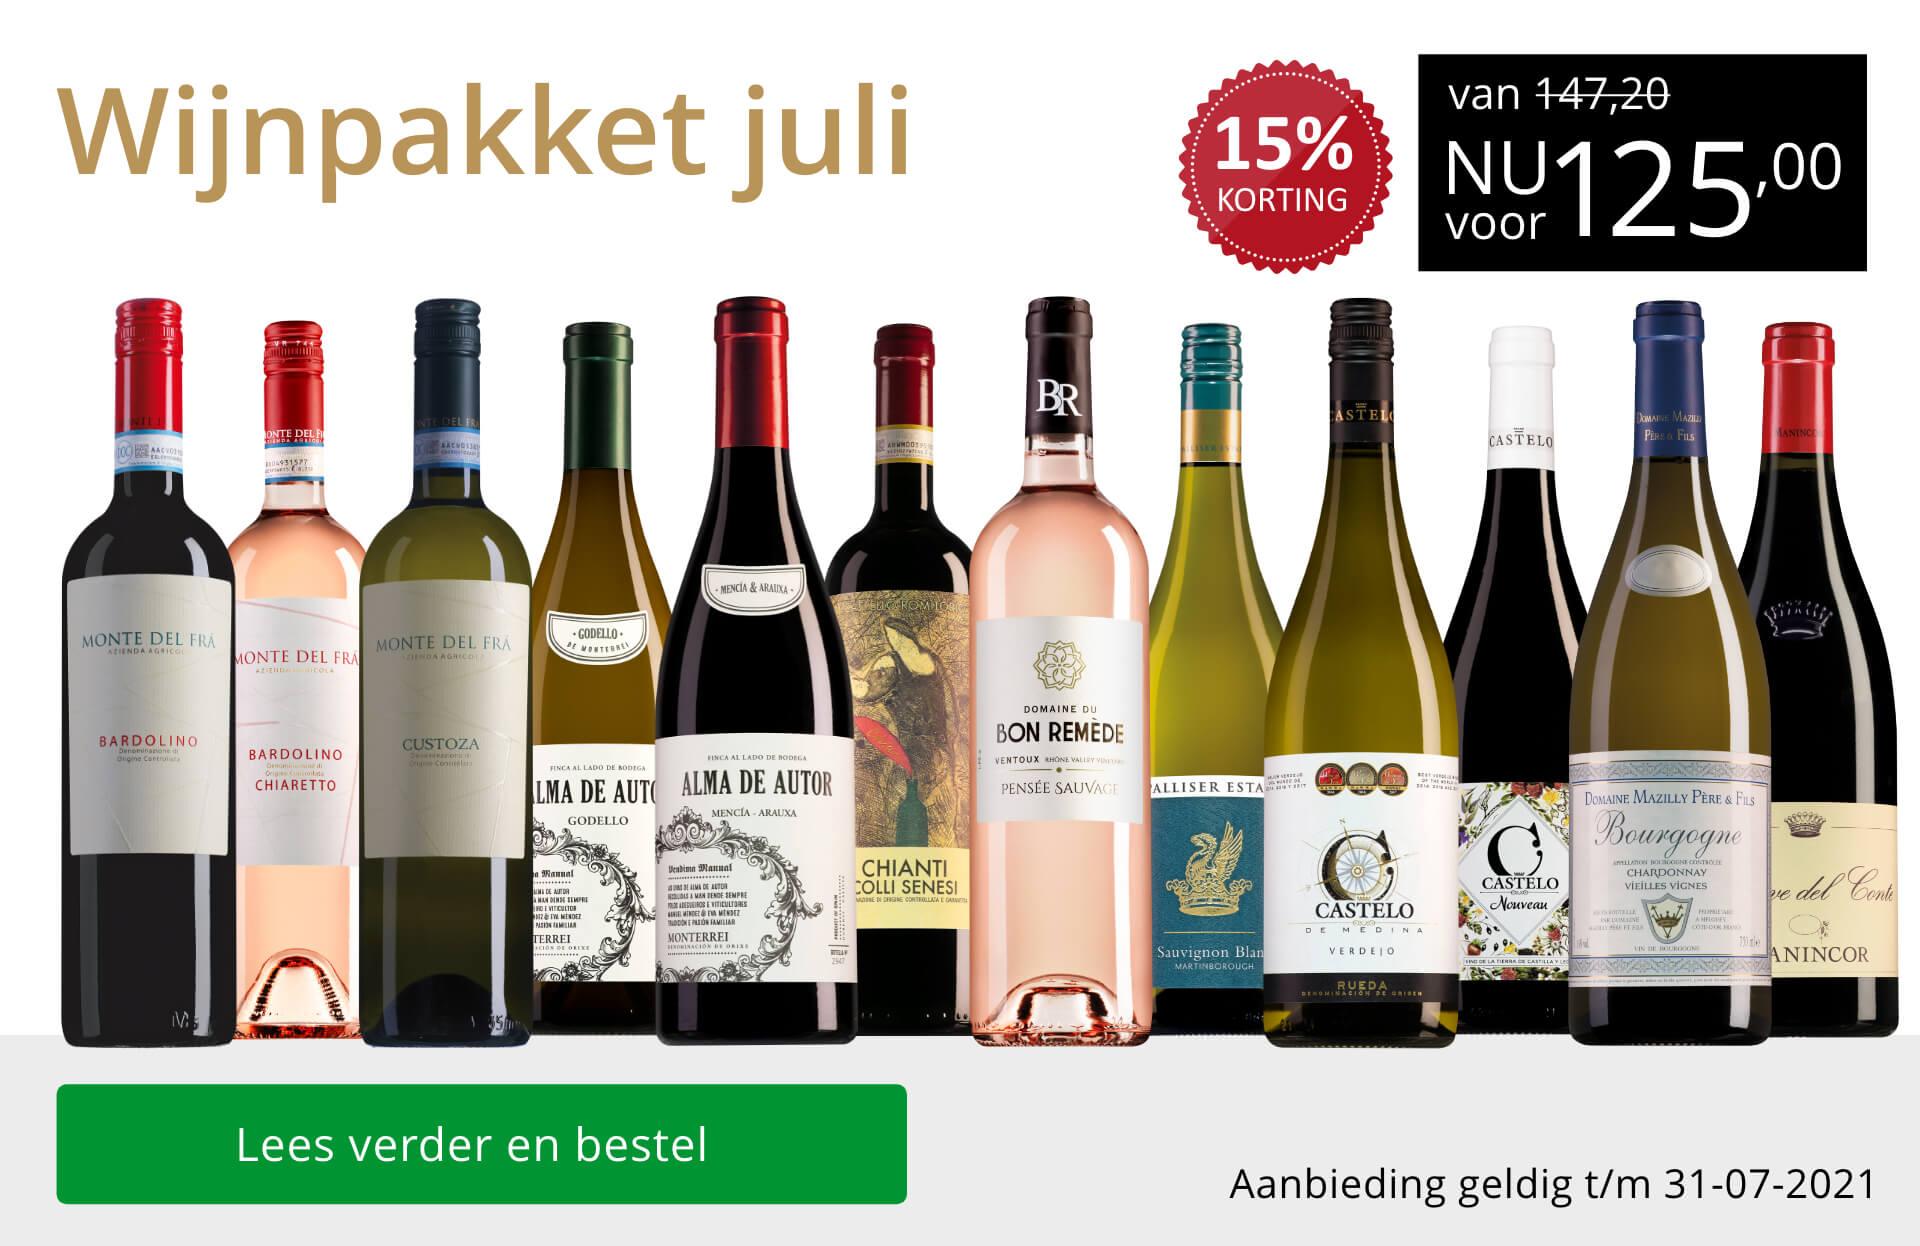 Wijnpakket wijnbericht juli 2021(125,00) - goud/zwart